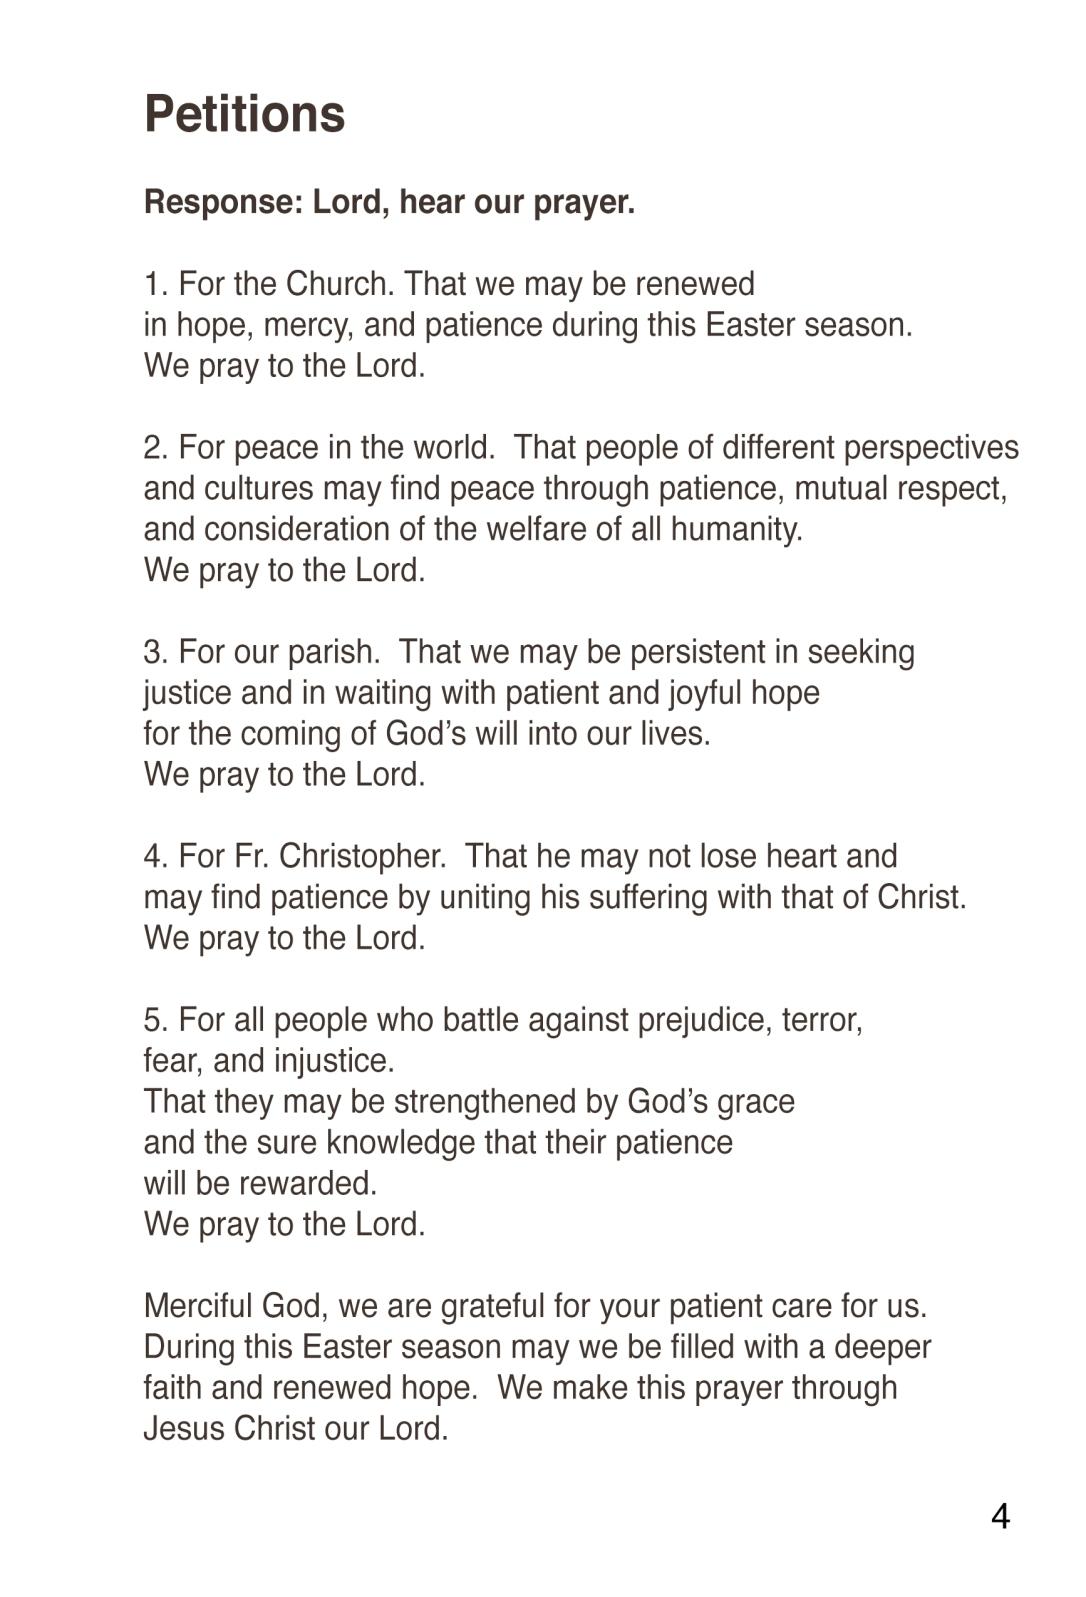 prayer 4a